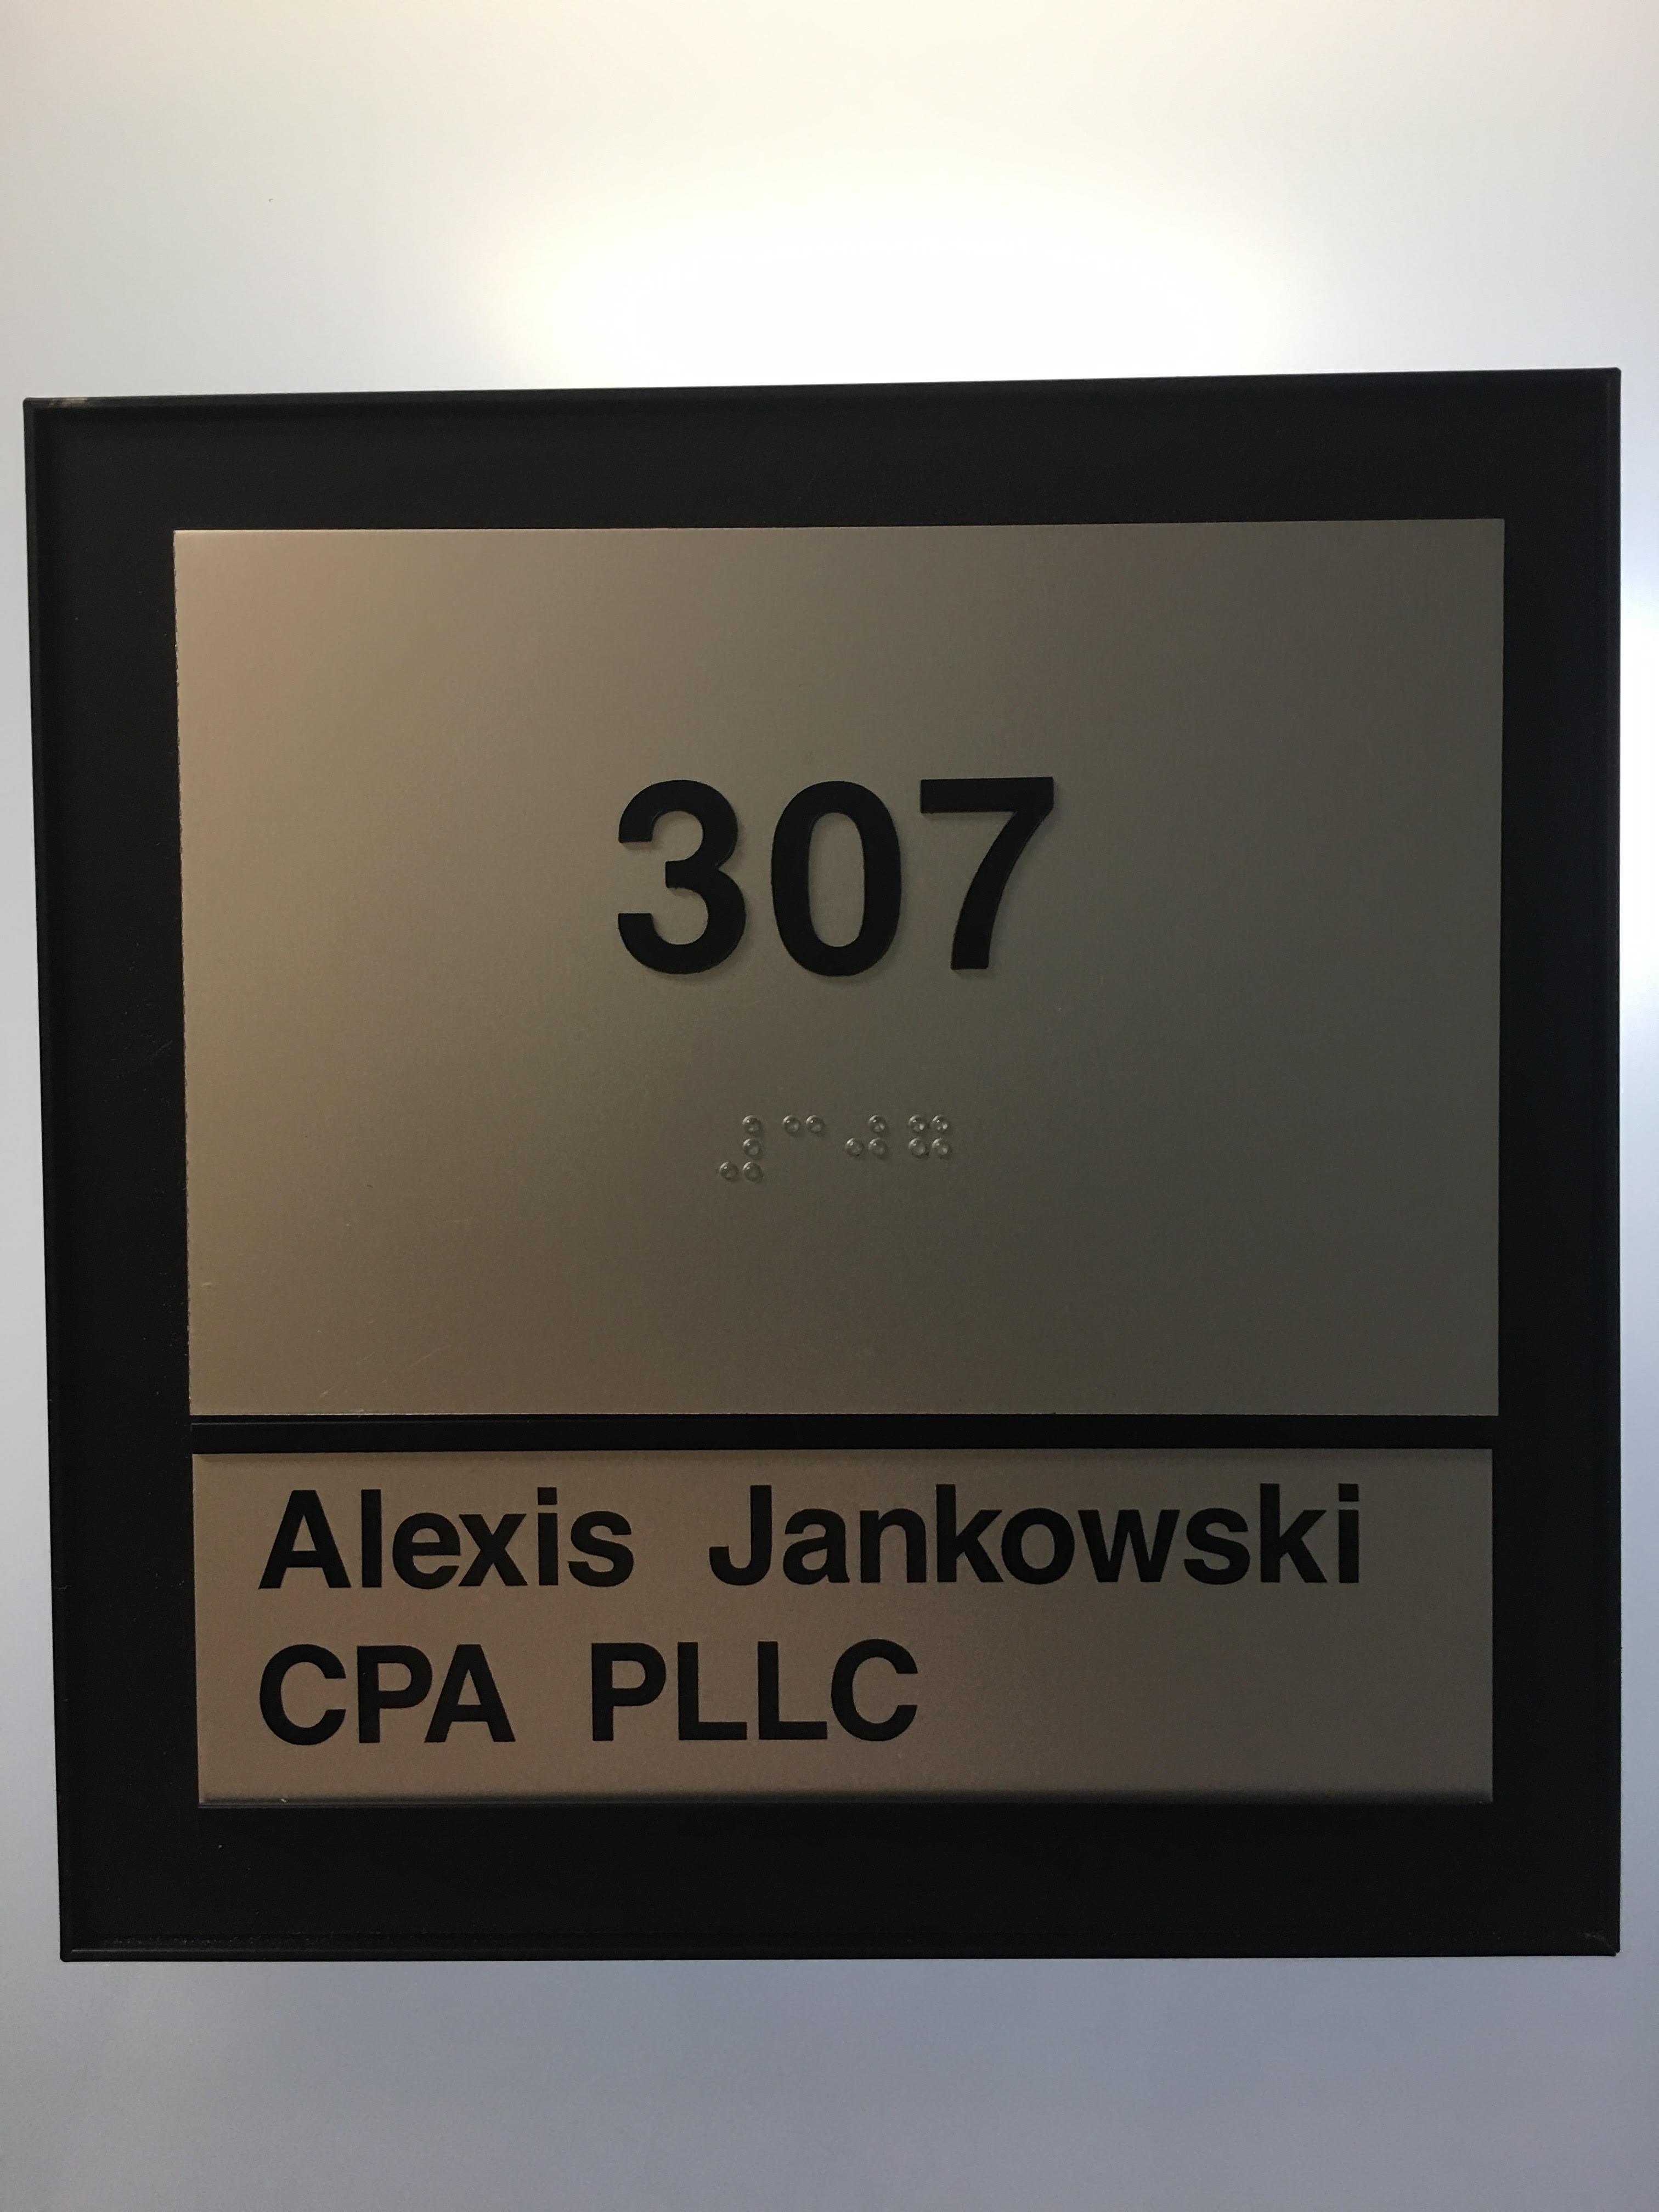 Alexis Jankowski CPA PLLC